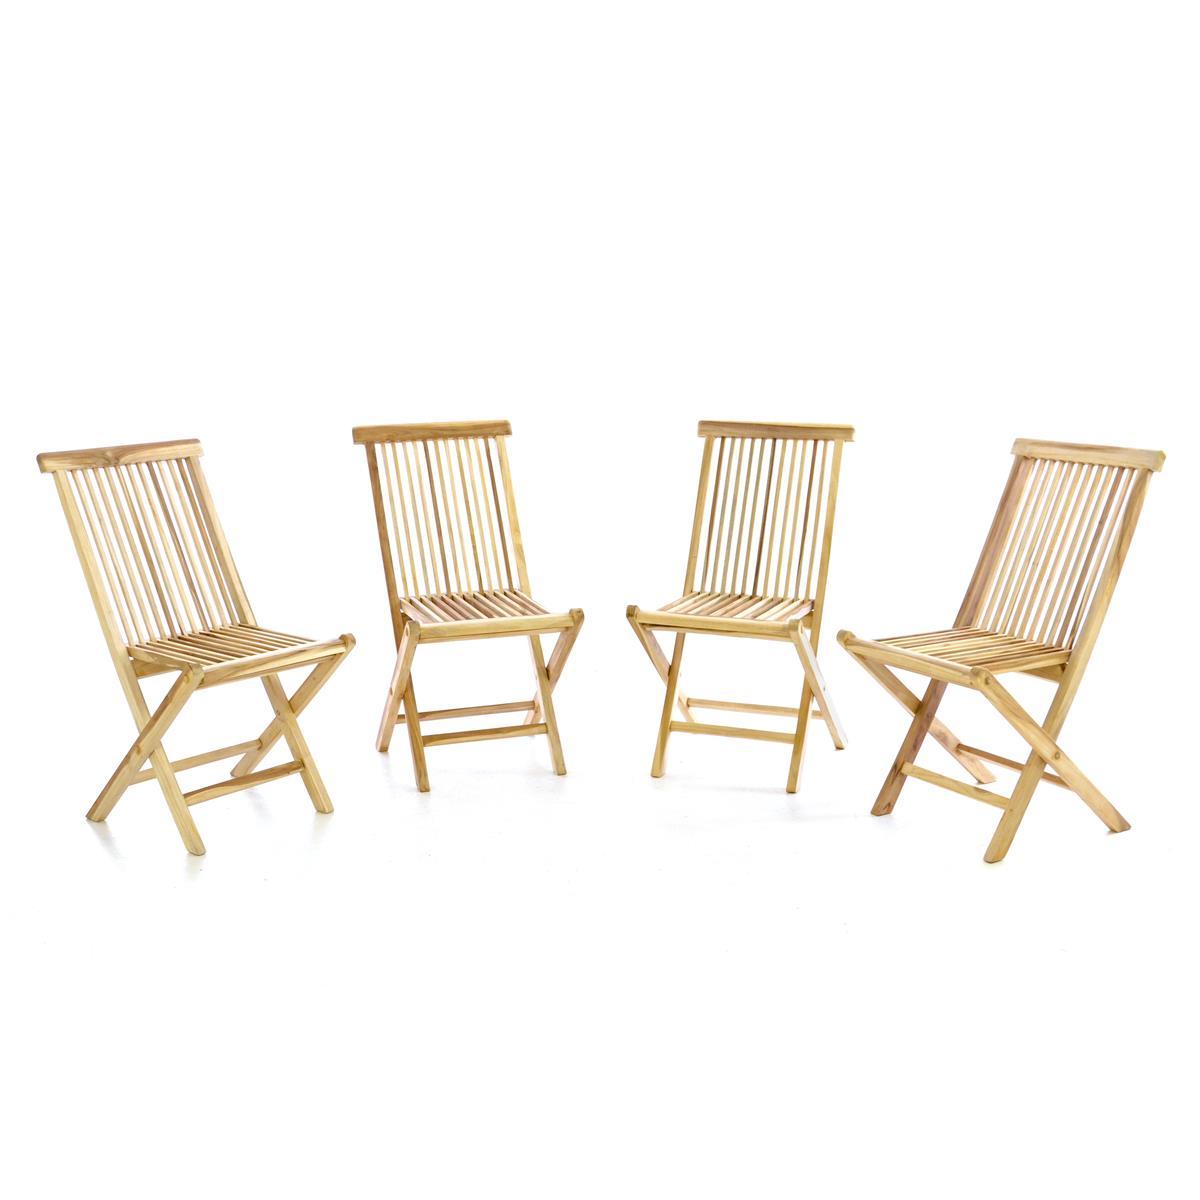 DIVERO 4er Set Gartenstuhl Teak Holz unbehandelt klappbar Stühle Holzstuhl natur